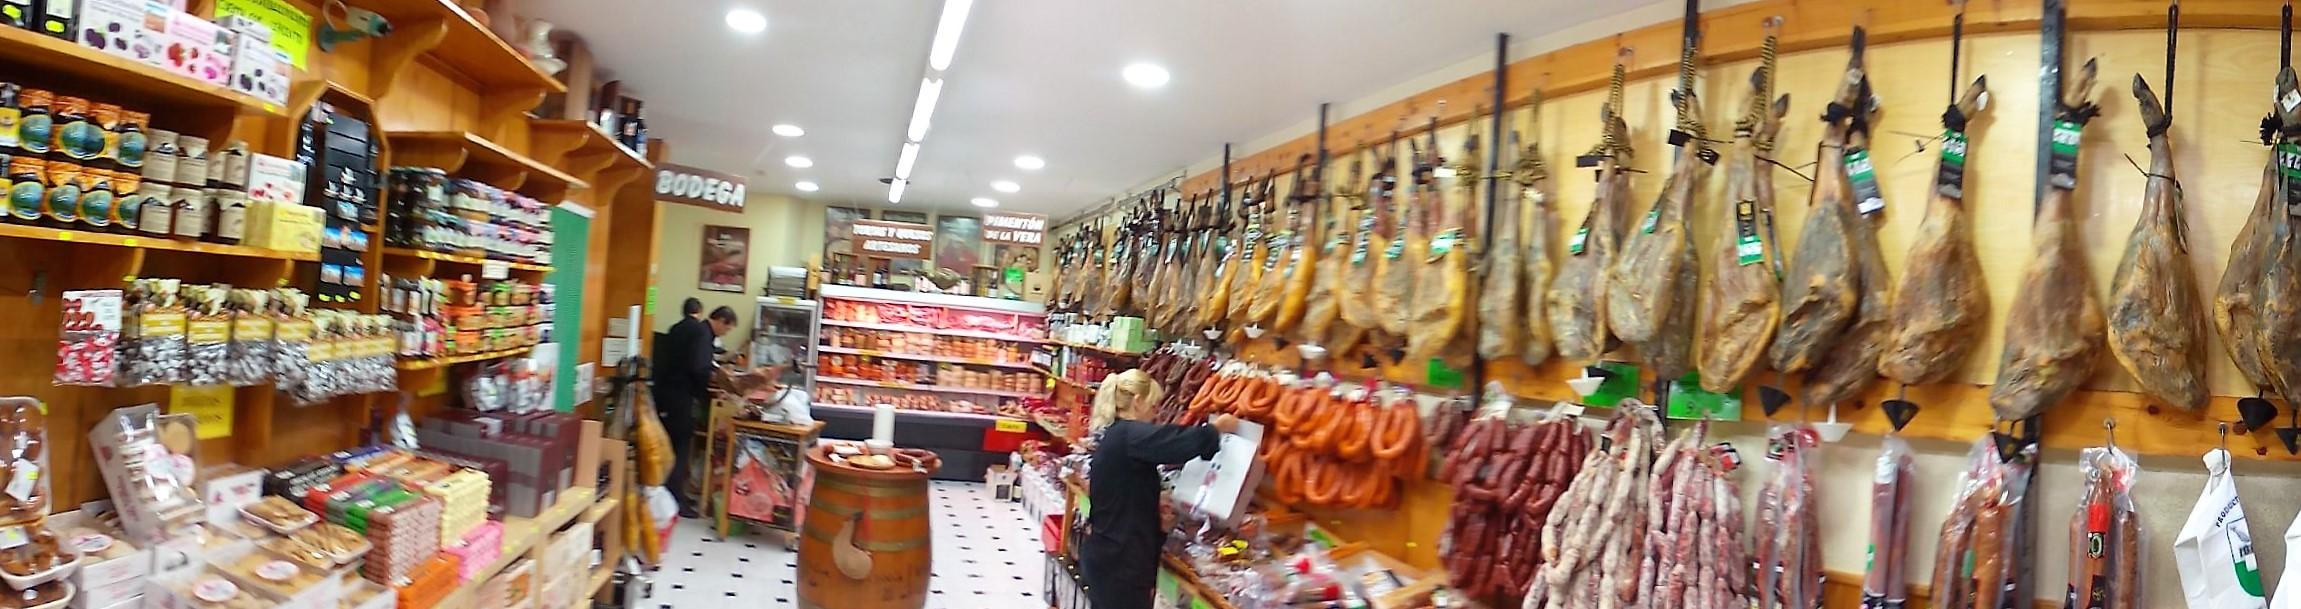 Productos Extremeños Cáceres Los Ibericos